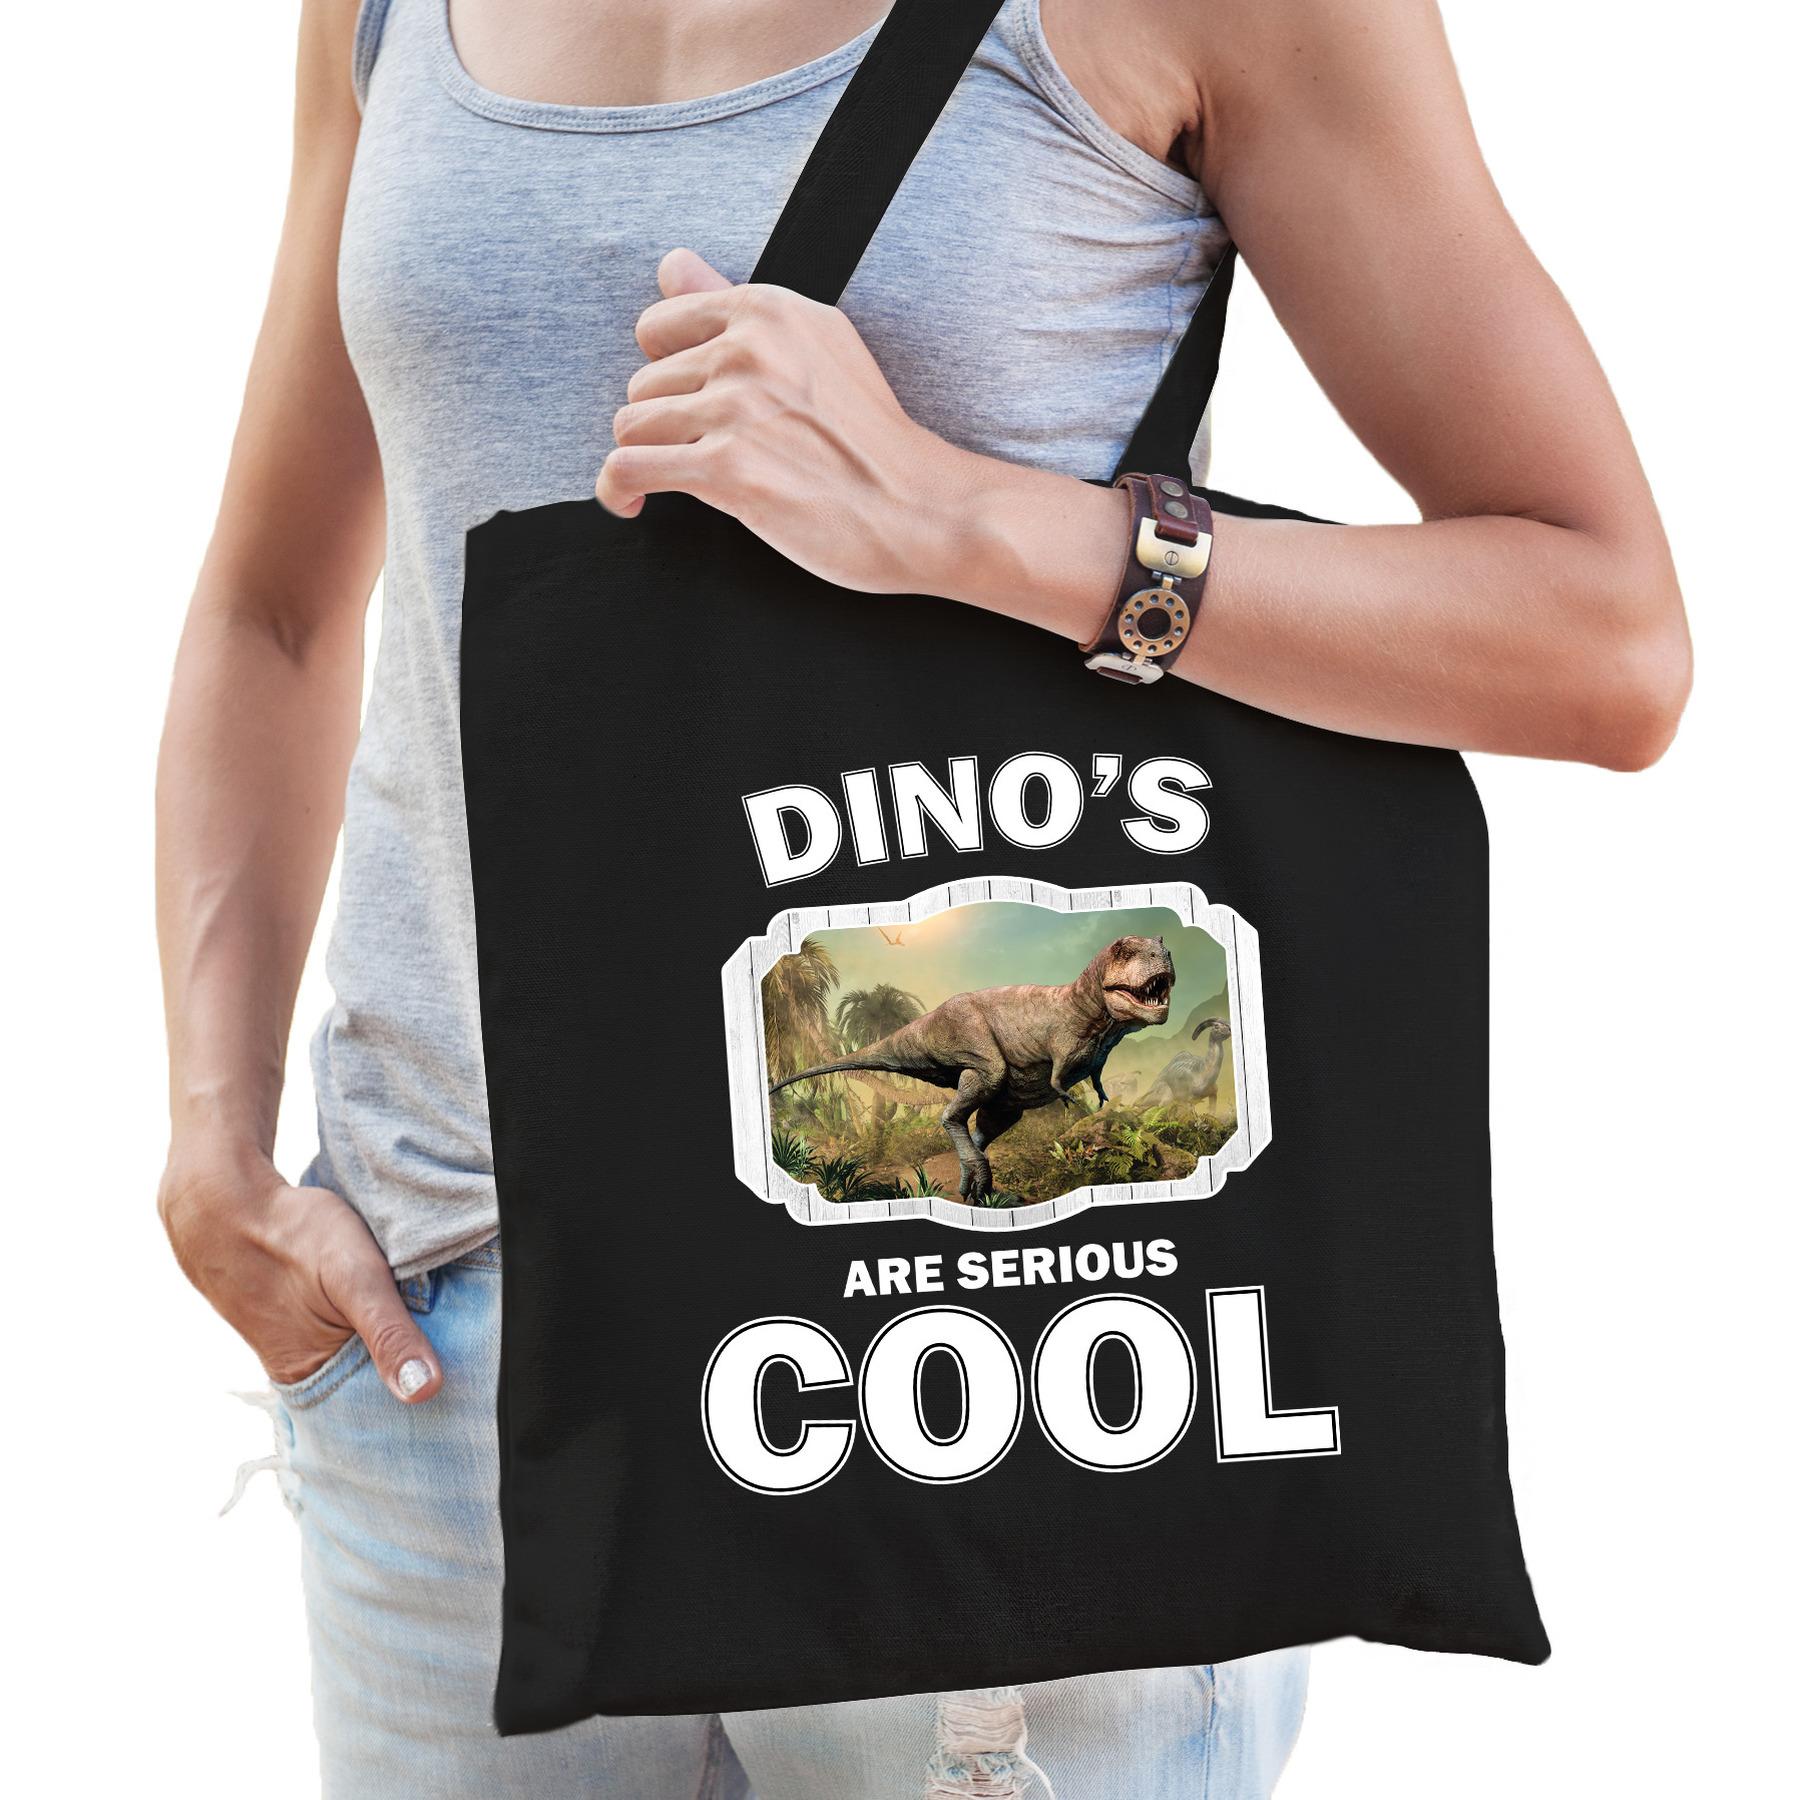 Katoenen tasje dinosaurs are serious cool zwart - dinosaurussen/ stoere t-rex dinosaurus cadeau tas